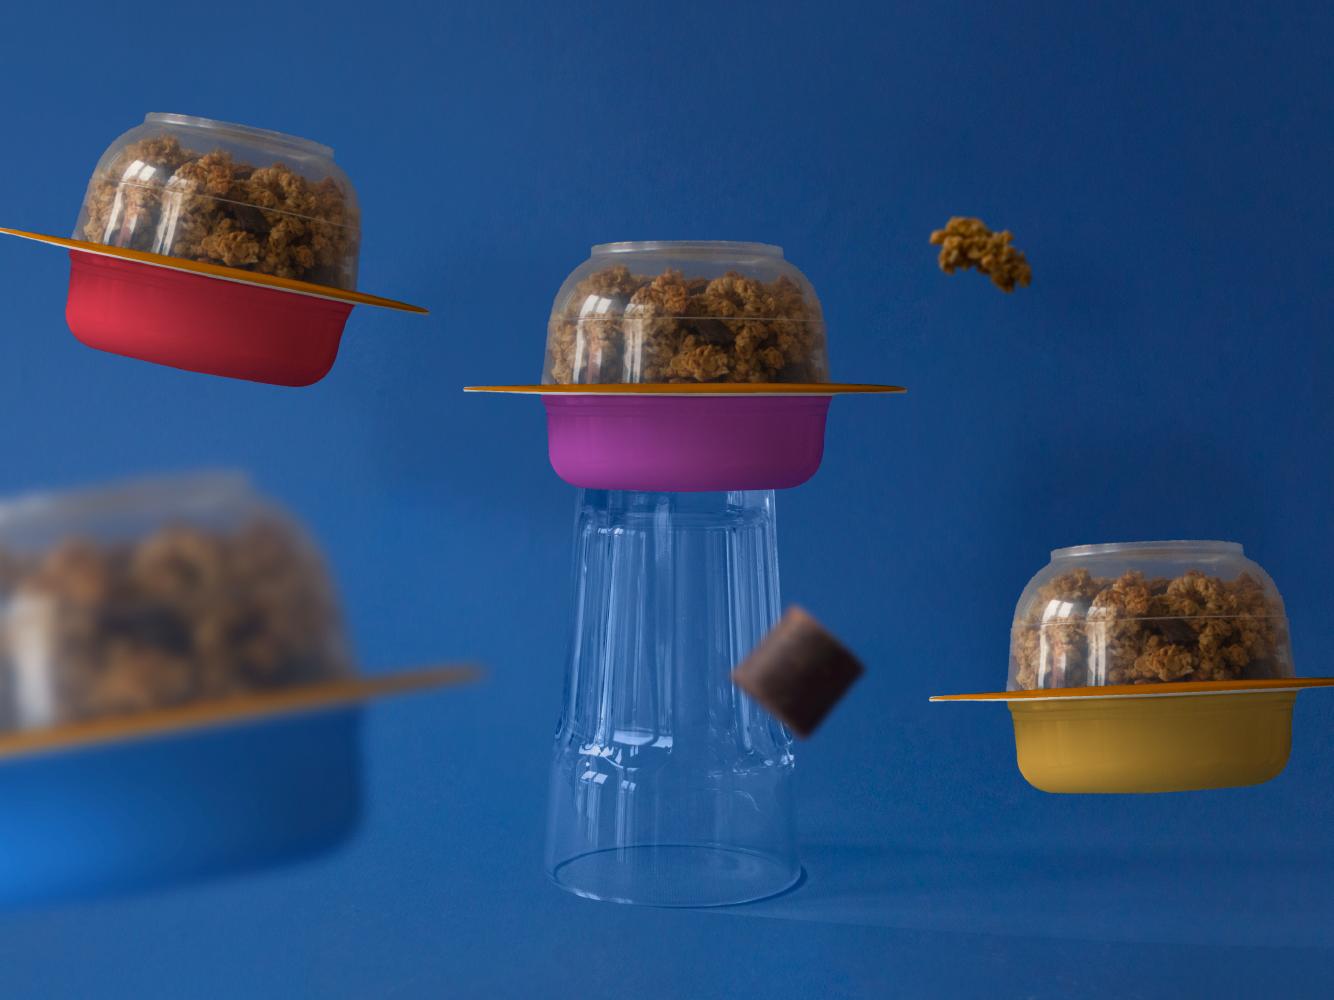 Yogurt Asteroid asteroid chocolate fun universe space kids namimg branding design fiction spaceship packaging yogurt cereal packagedesign package